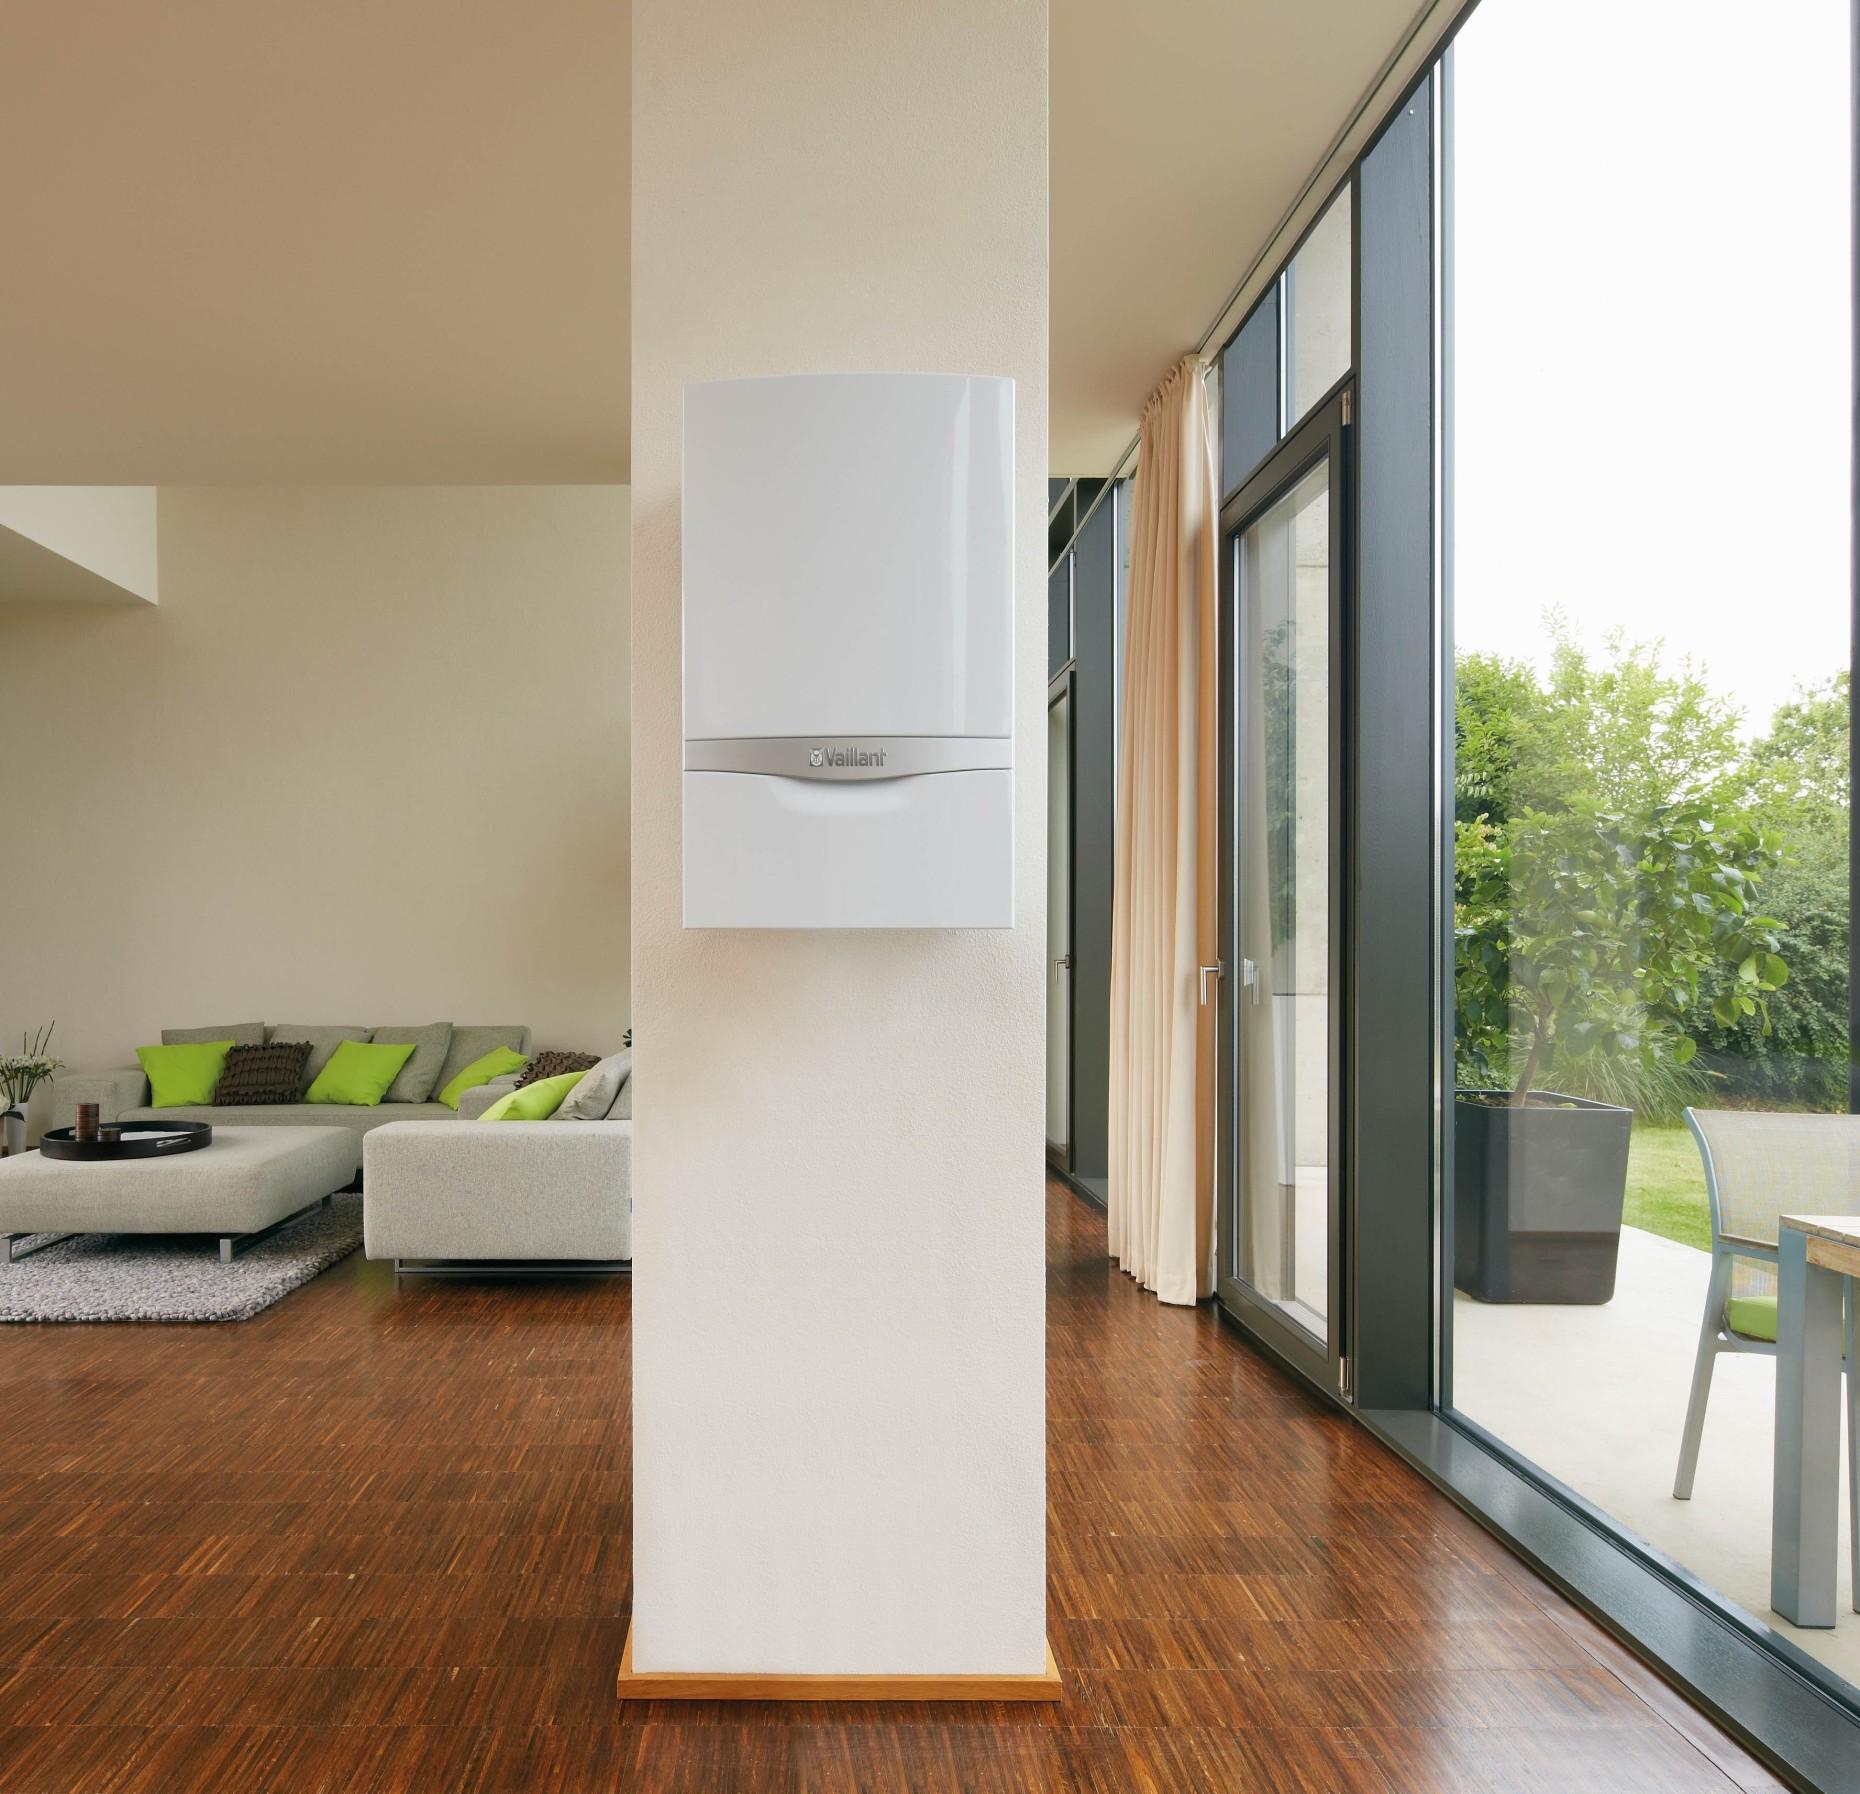 Istruzioni caldaia vaillant installazione climatizzatore for Istruzioni caldaia ariston